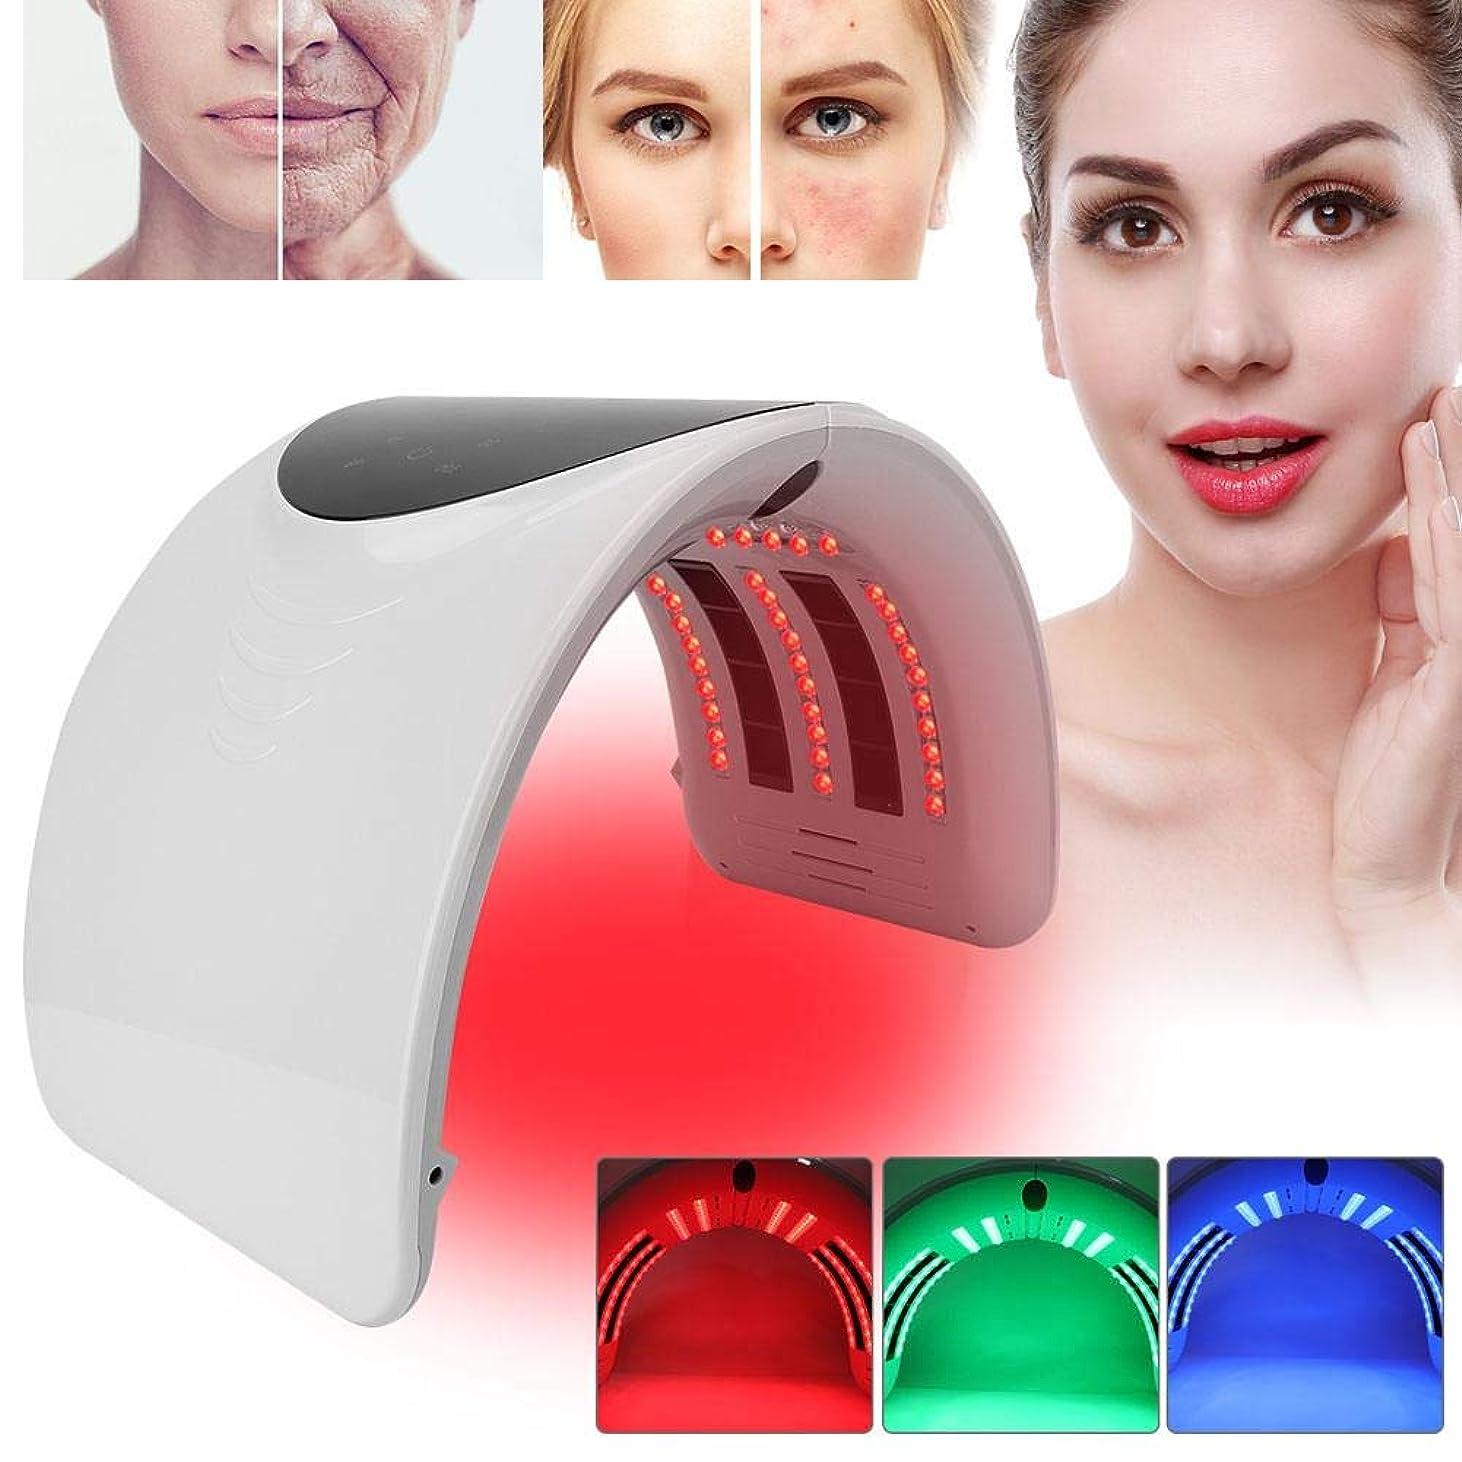 部屋を掃除する悔い改めるオンス皮のより良い機械、光子の美機械は効果的にアクネの傷およびアレルギーの皮LEDの光子機械皮の美装置を改良します(US-PLUG)